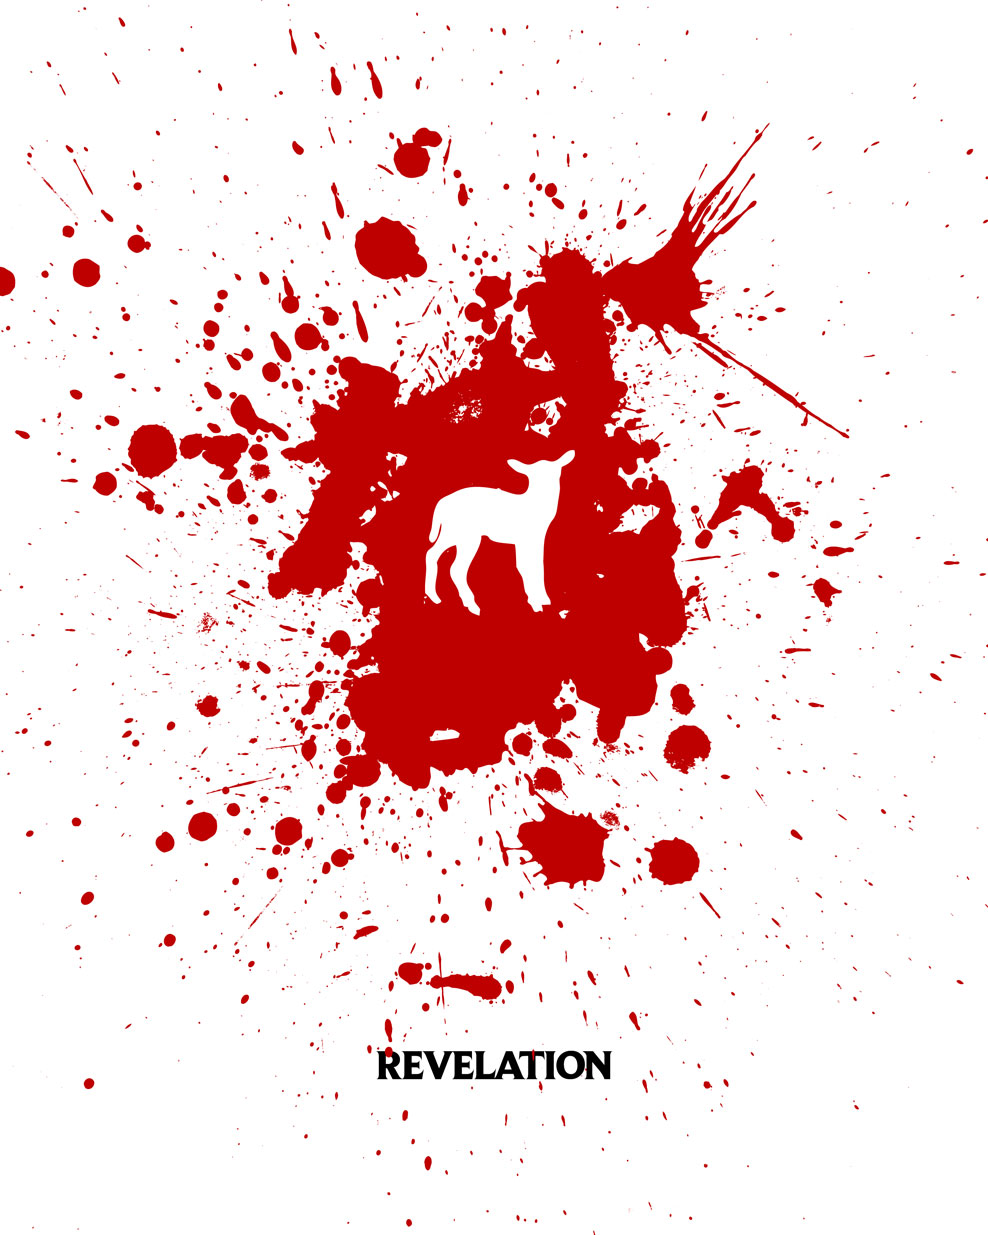 Revelation_988.jpg